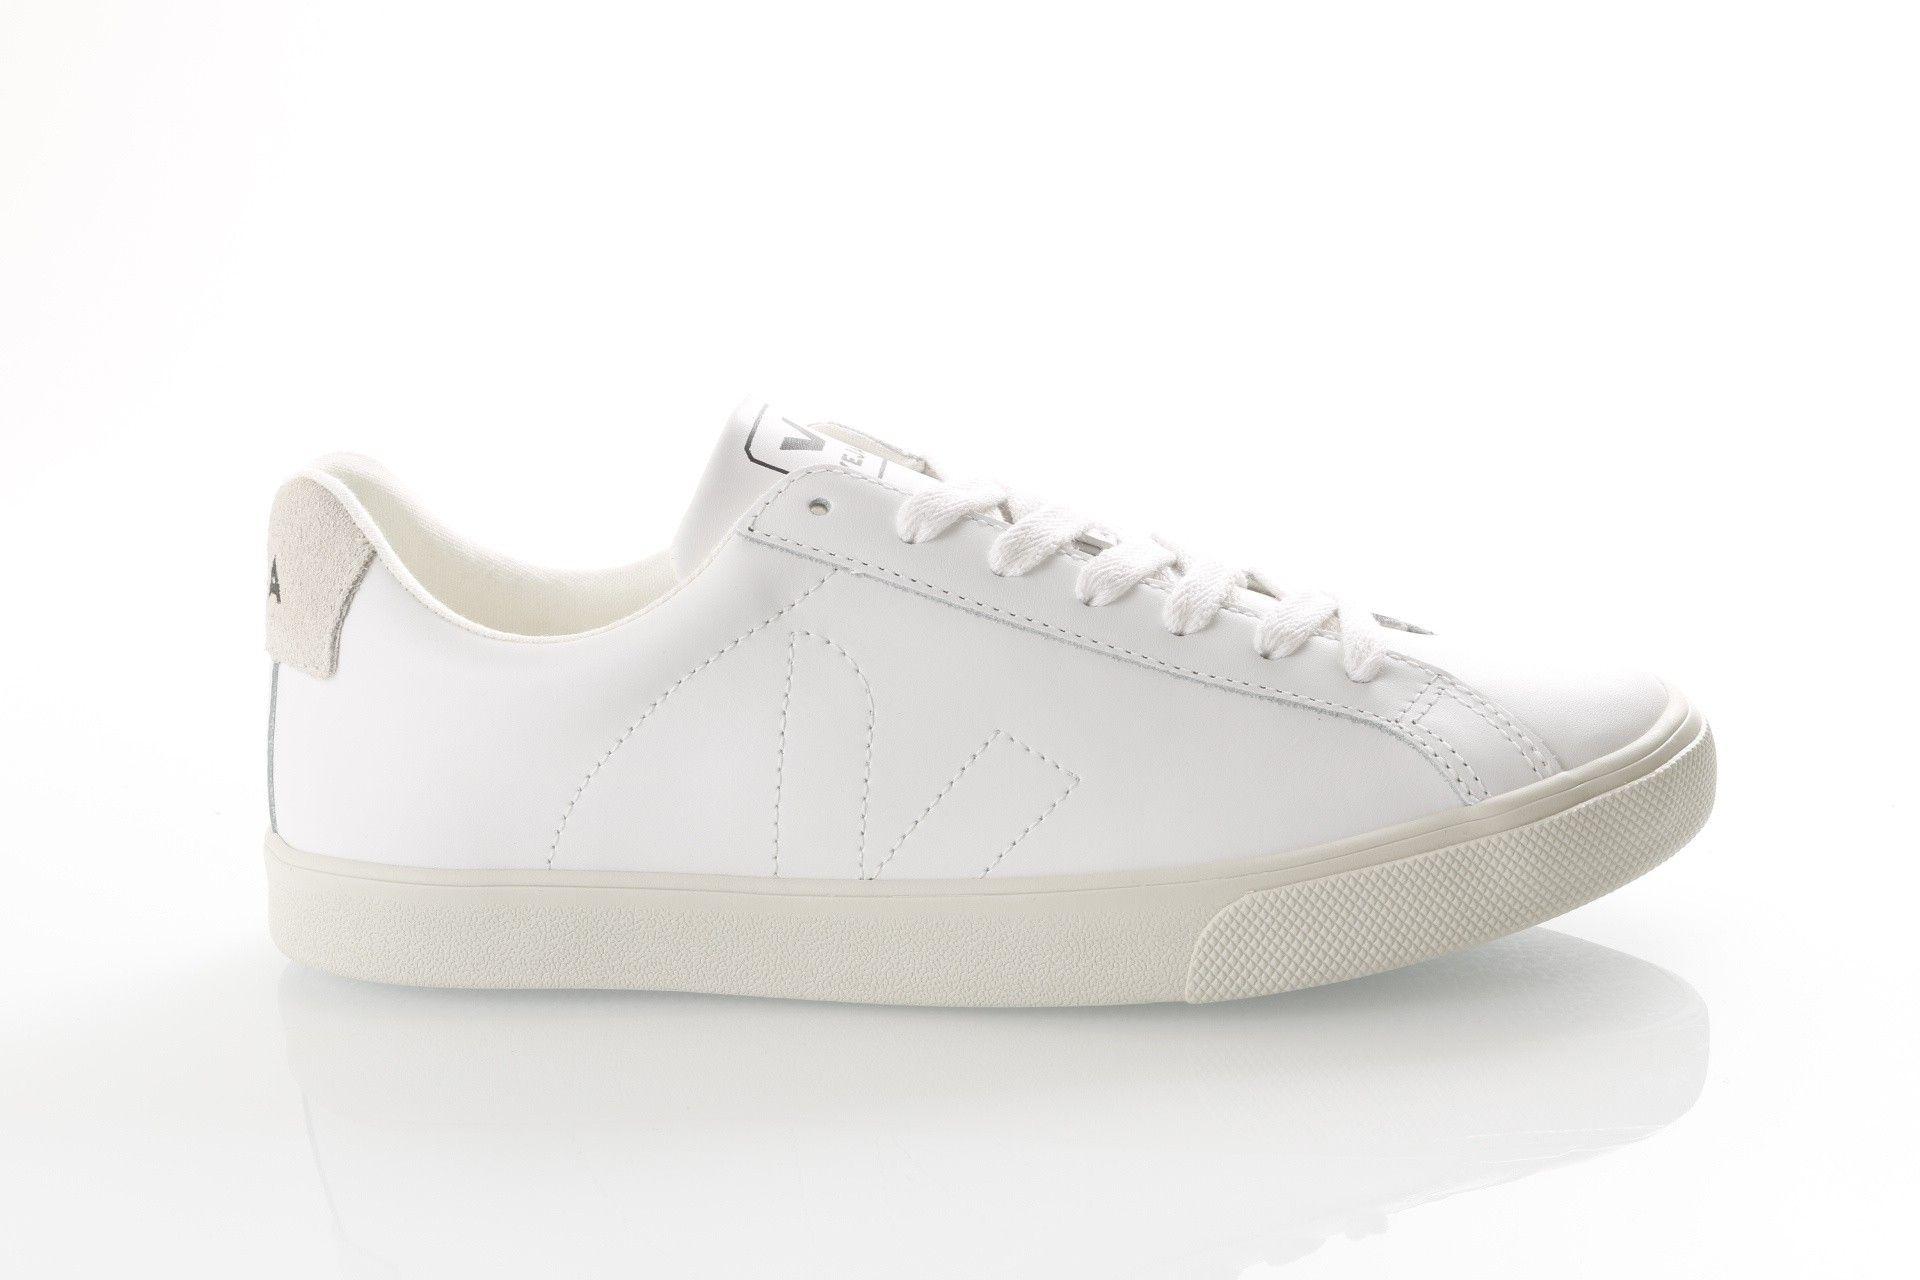 Afbeelding van Veja Esplar Ea2001 Sneakers Extra White / Natural